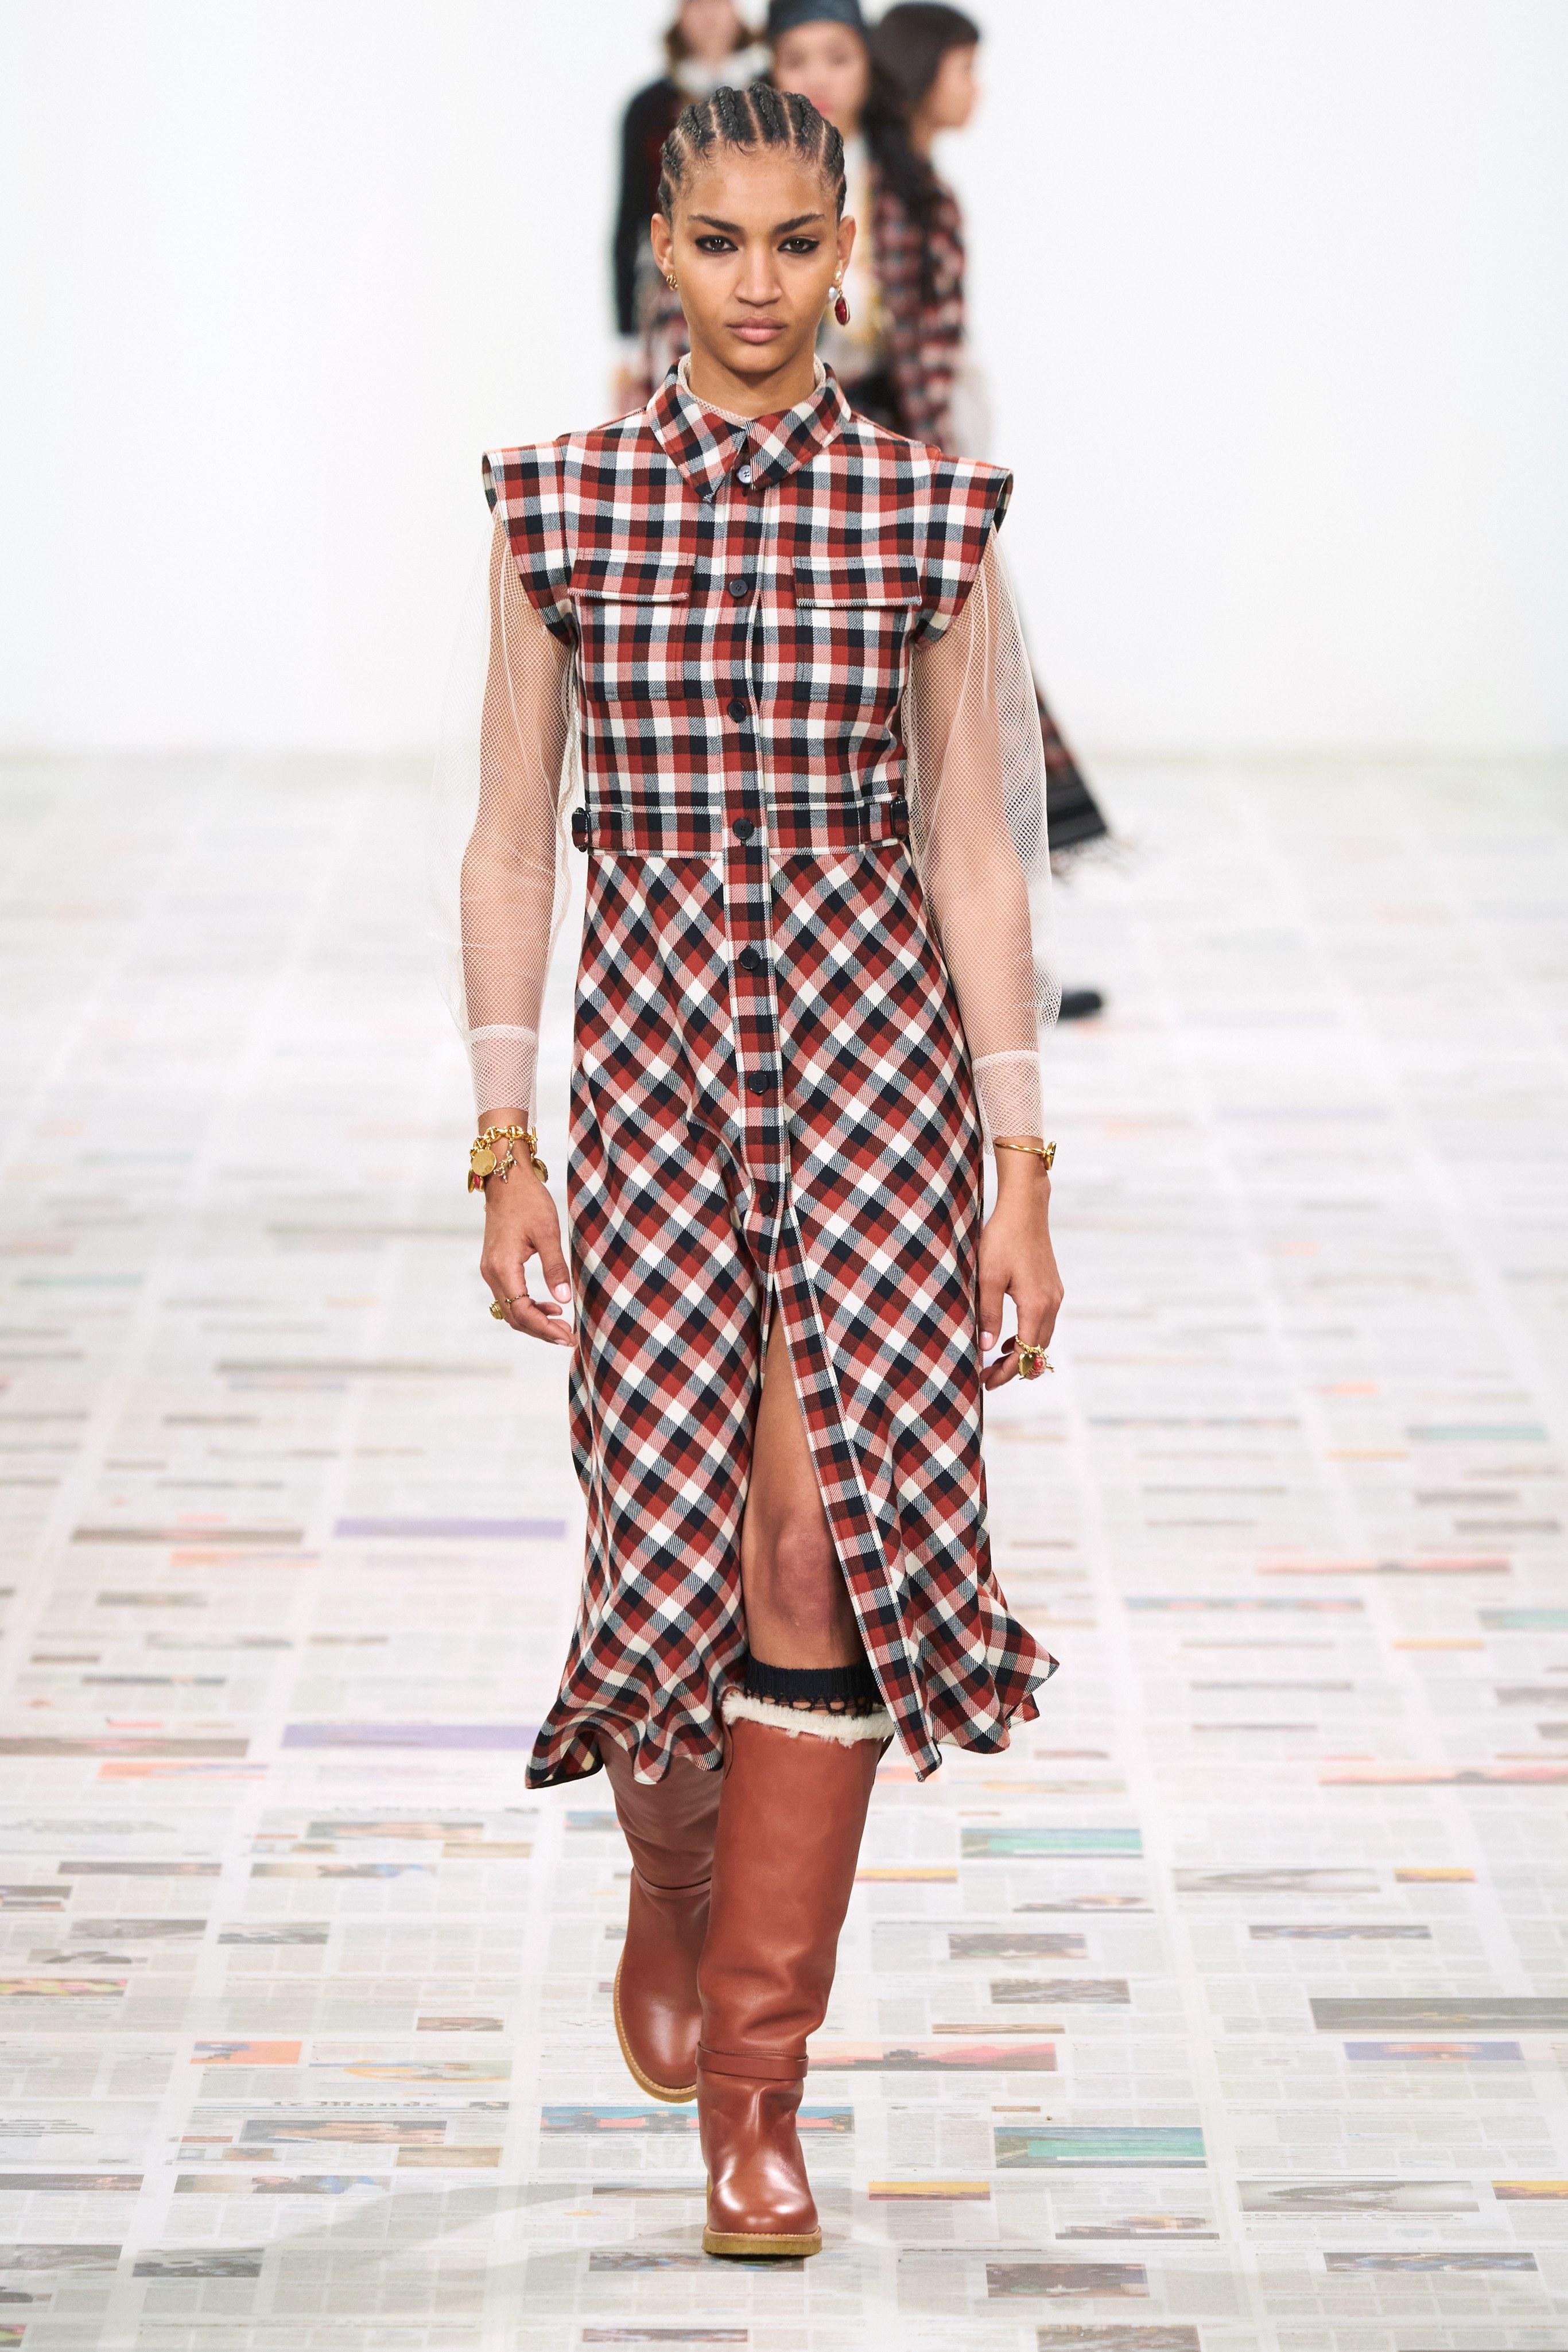 فستان كارو من كريستيان ديور Christian Dior